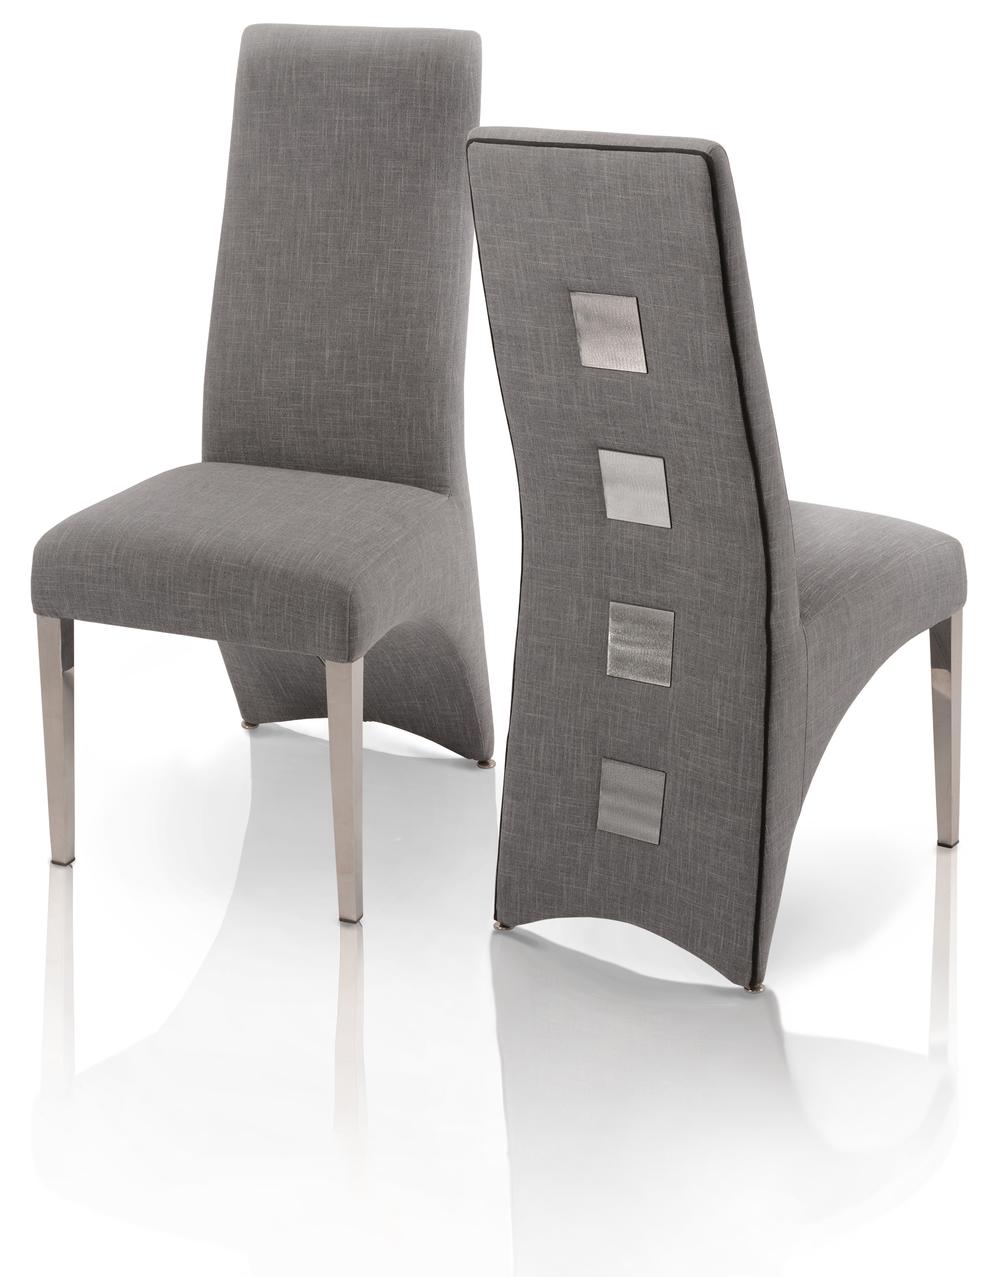 Chair_444-01_M9788-Fog_STR STL_PIC-1.jpg